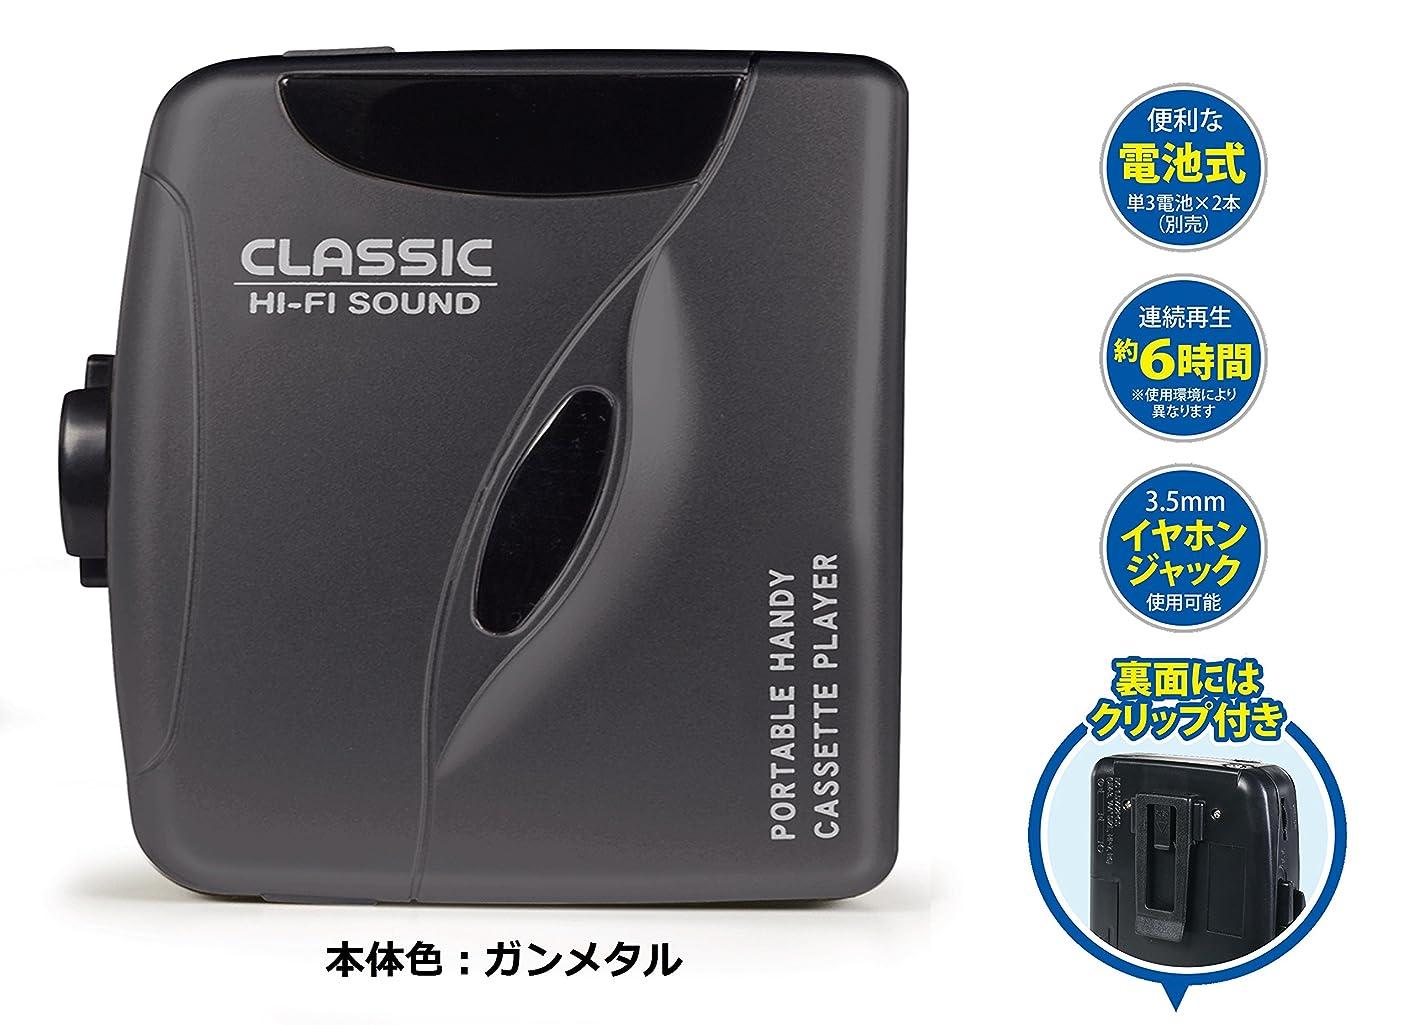 エコー間違いなくラバグリーンハウス  オートリバース機能 スピーカー搭載のカセットテーププレーヤー ブラック GH-CTPC-BK